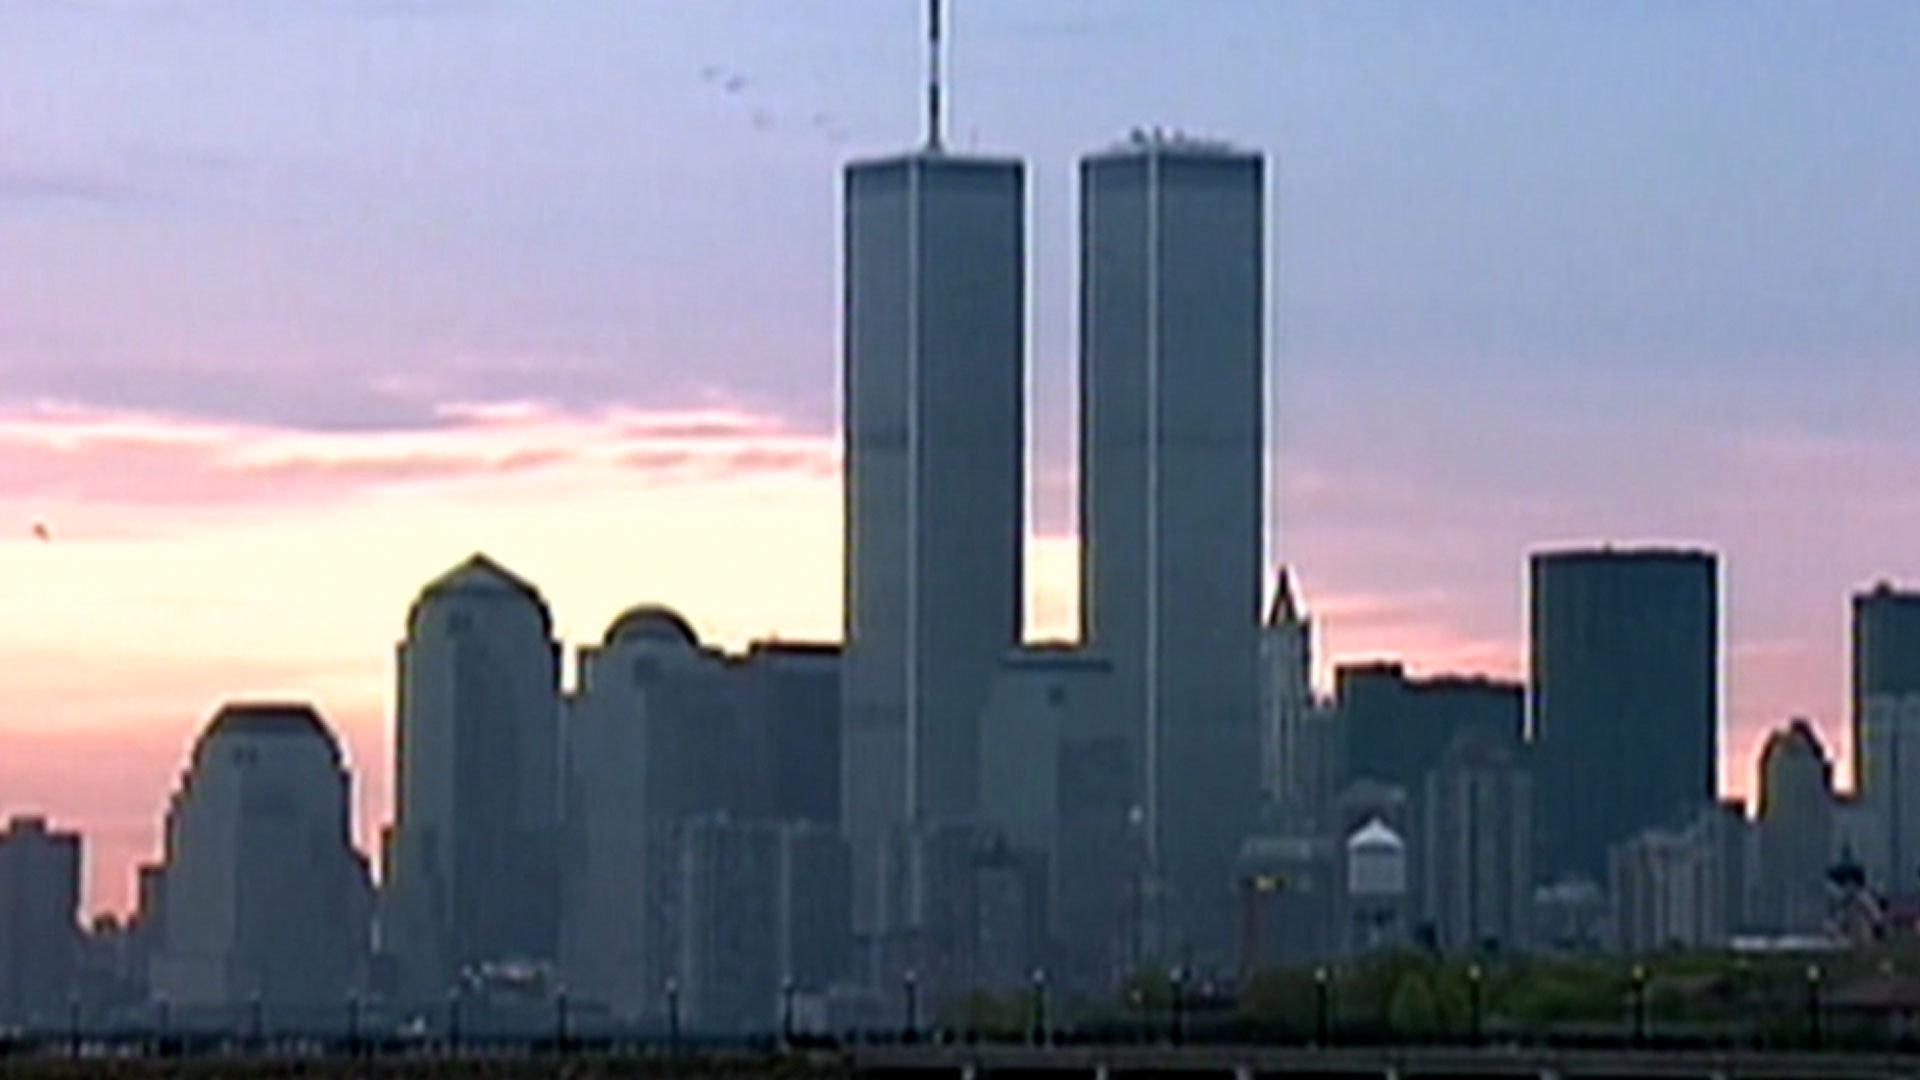 September 11ths